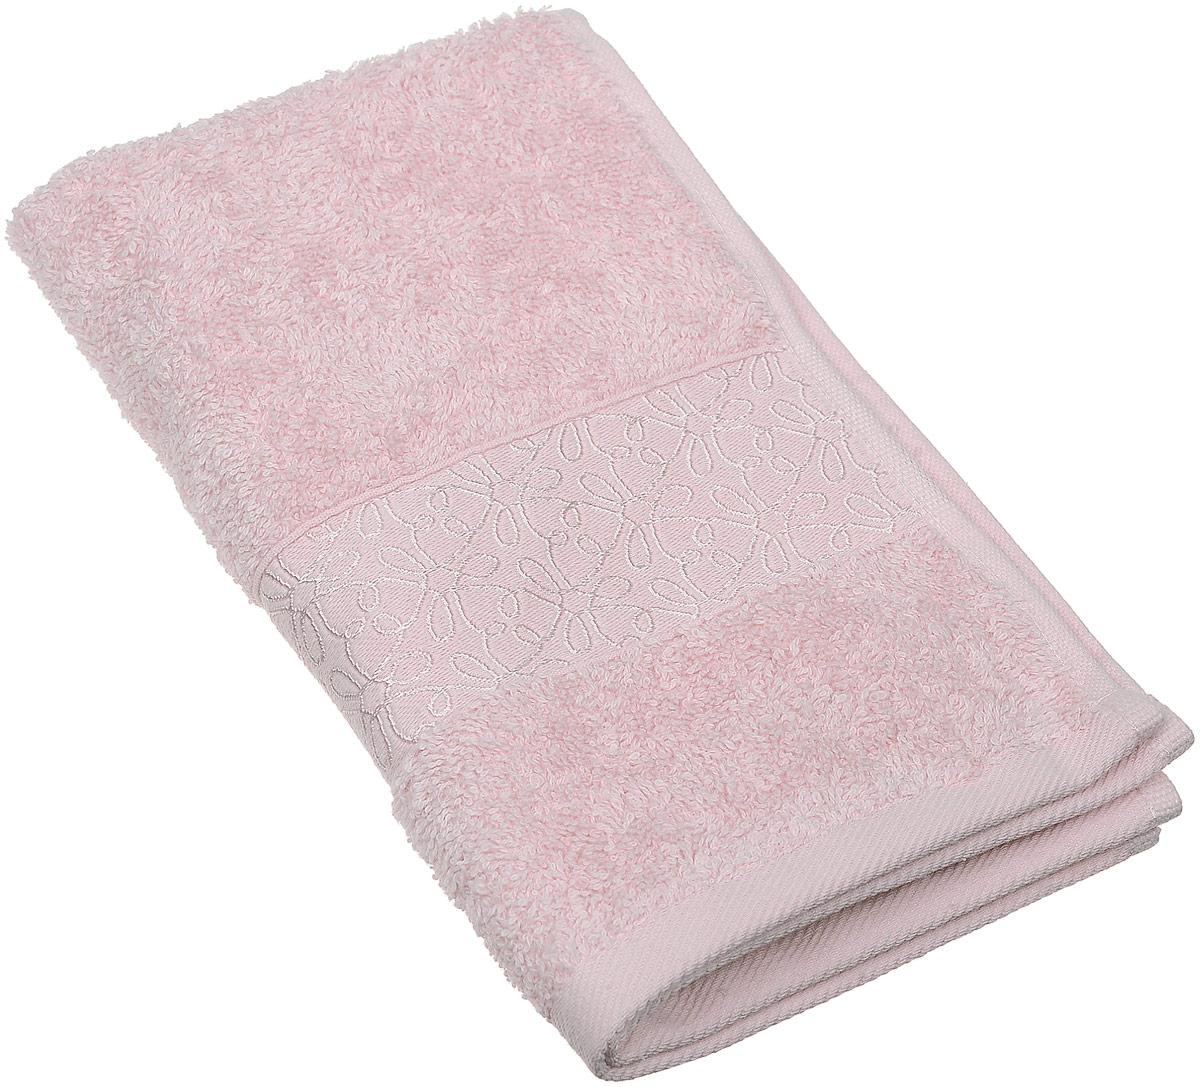 Полотенце махровое Issimo Home Perin, цвет: пудровый, 30 х 50 см00000005492Прекрасное полотенце Issimo Home Perin выполнено из натуральной махровой ткани (100% хлопок). Изделие отлично впитывает влагу, быстро сохнет и не теряет форму даже после многократных стирок. Рекомендации по уходу: - режим стирки при 40°C, - допускается обычная химчистка, - отбеливание запрещено, - глажка при температуре подошвы утюга до 110°С, - барабанный отжим запрещен. Размер полотенца: 30 x 50 см.